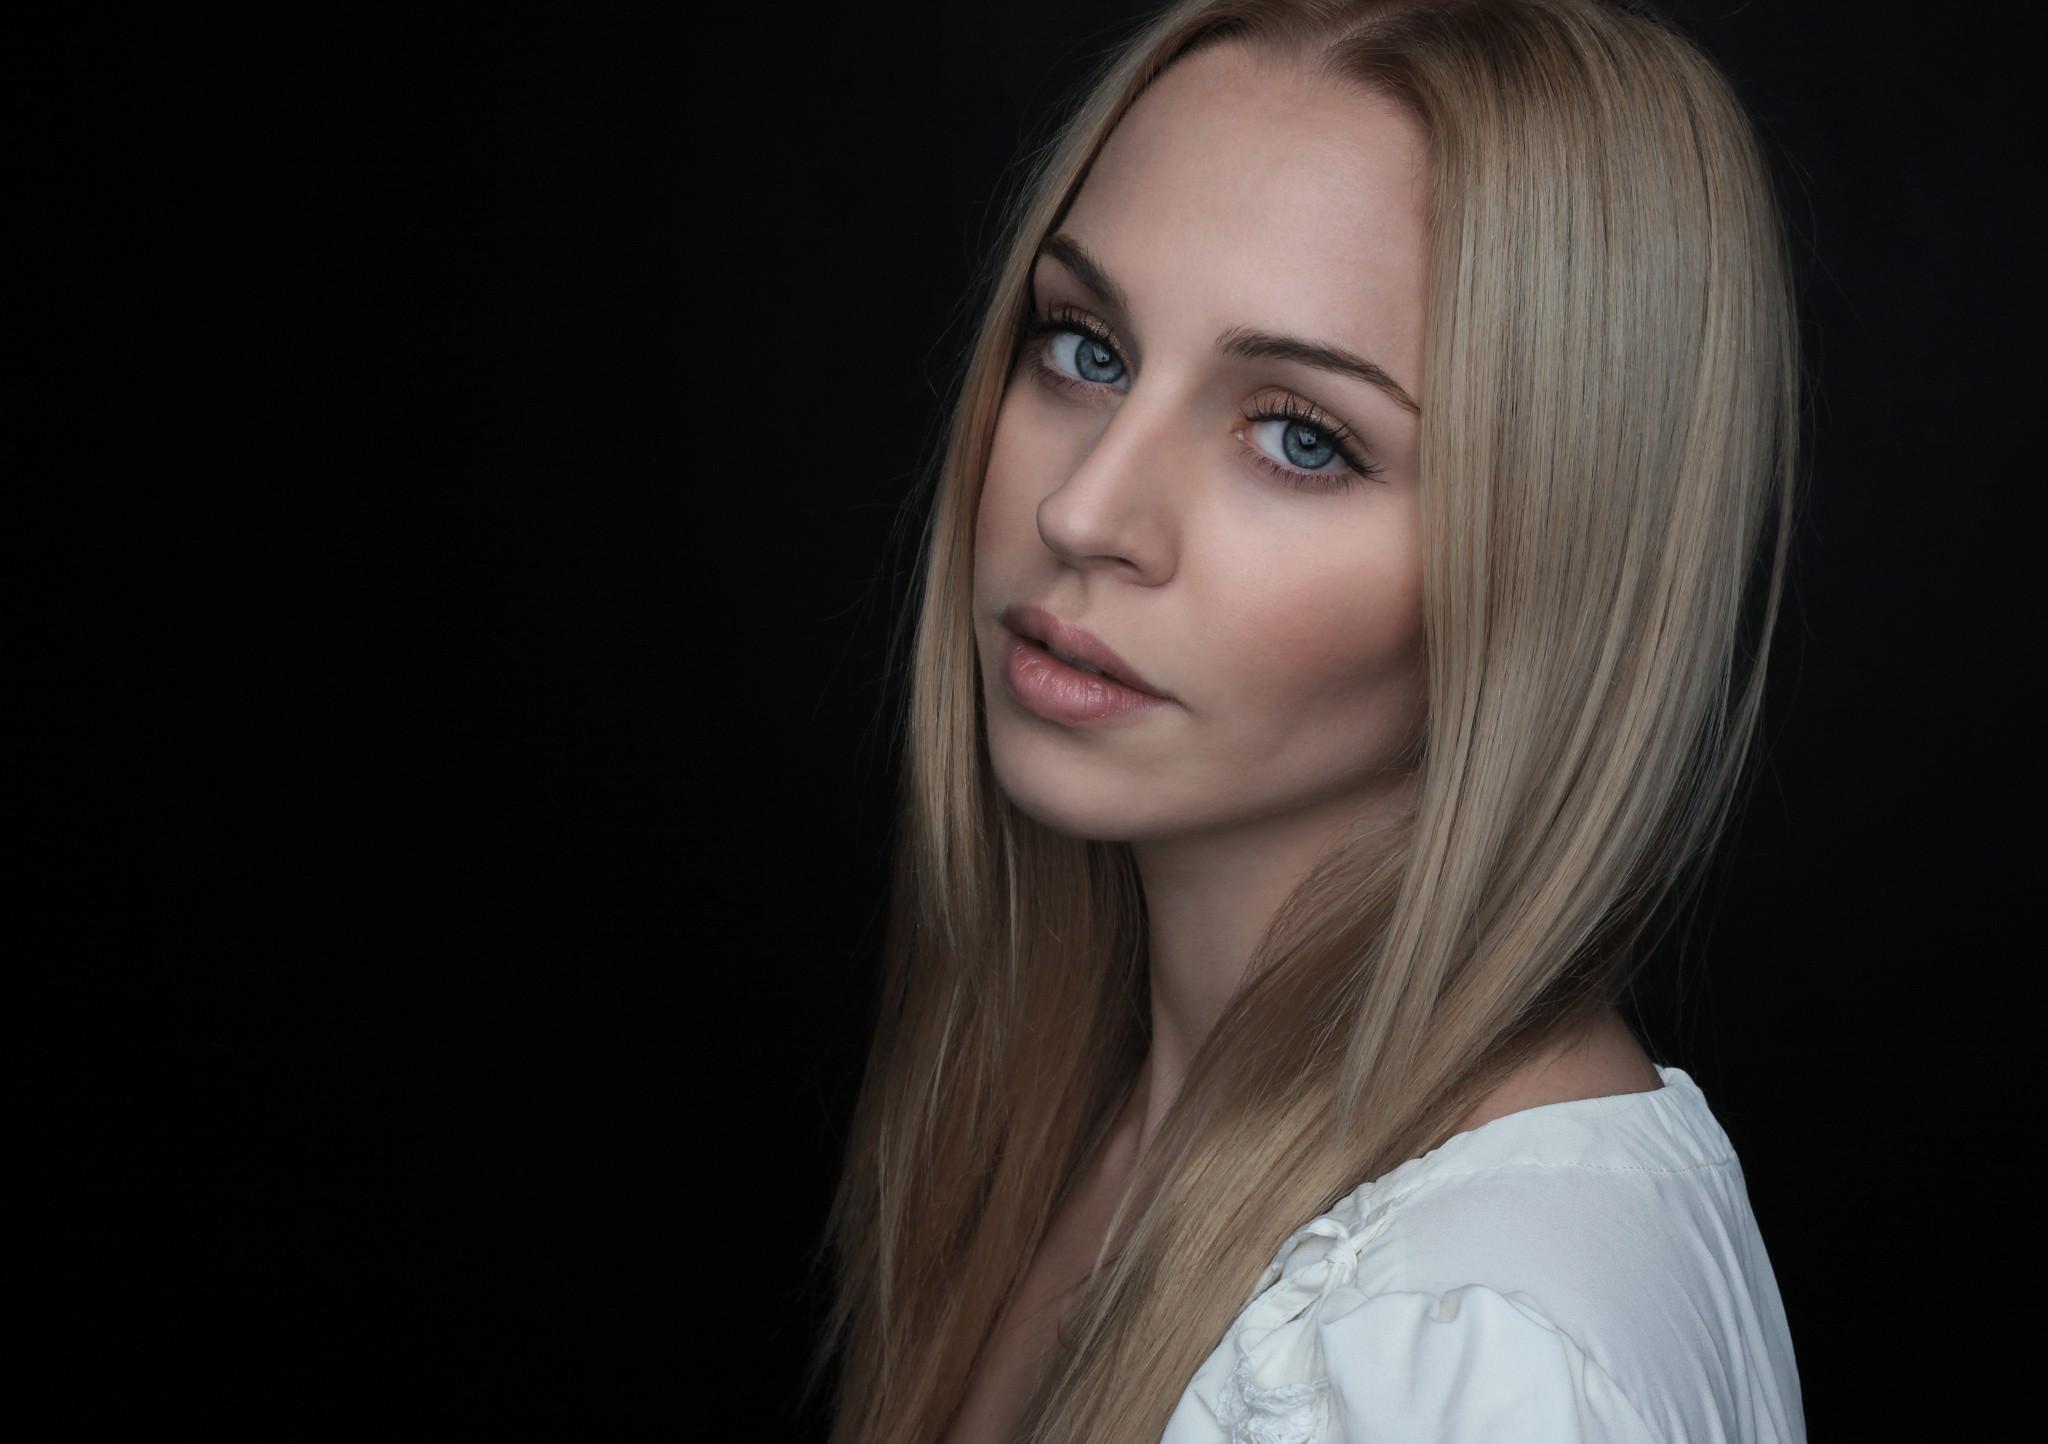 Wallpaper Women Model Long Hair Asian Singer Blue: Wallpaper : Face, Women, Model, Blonde, Black Background